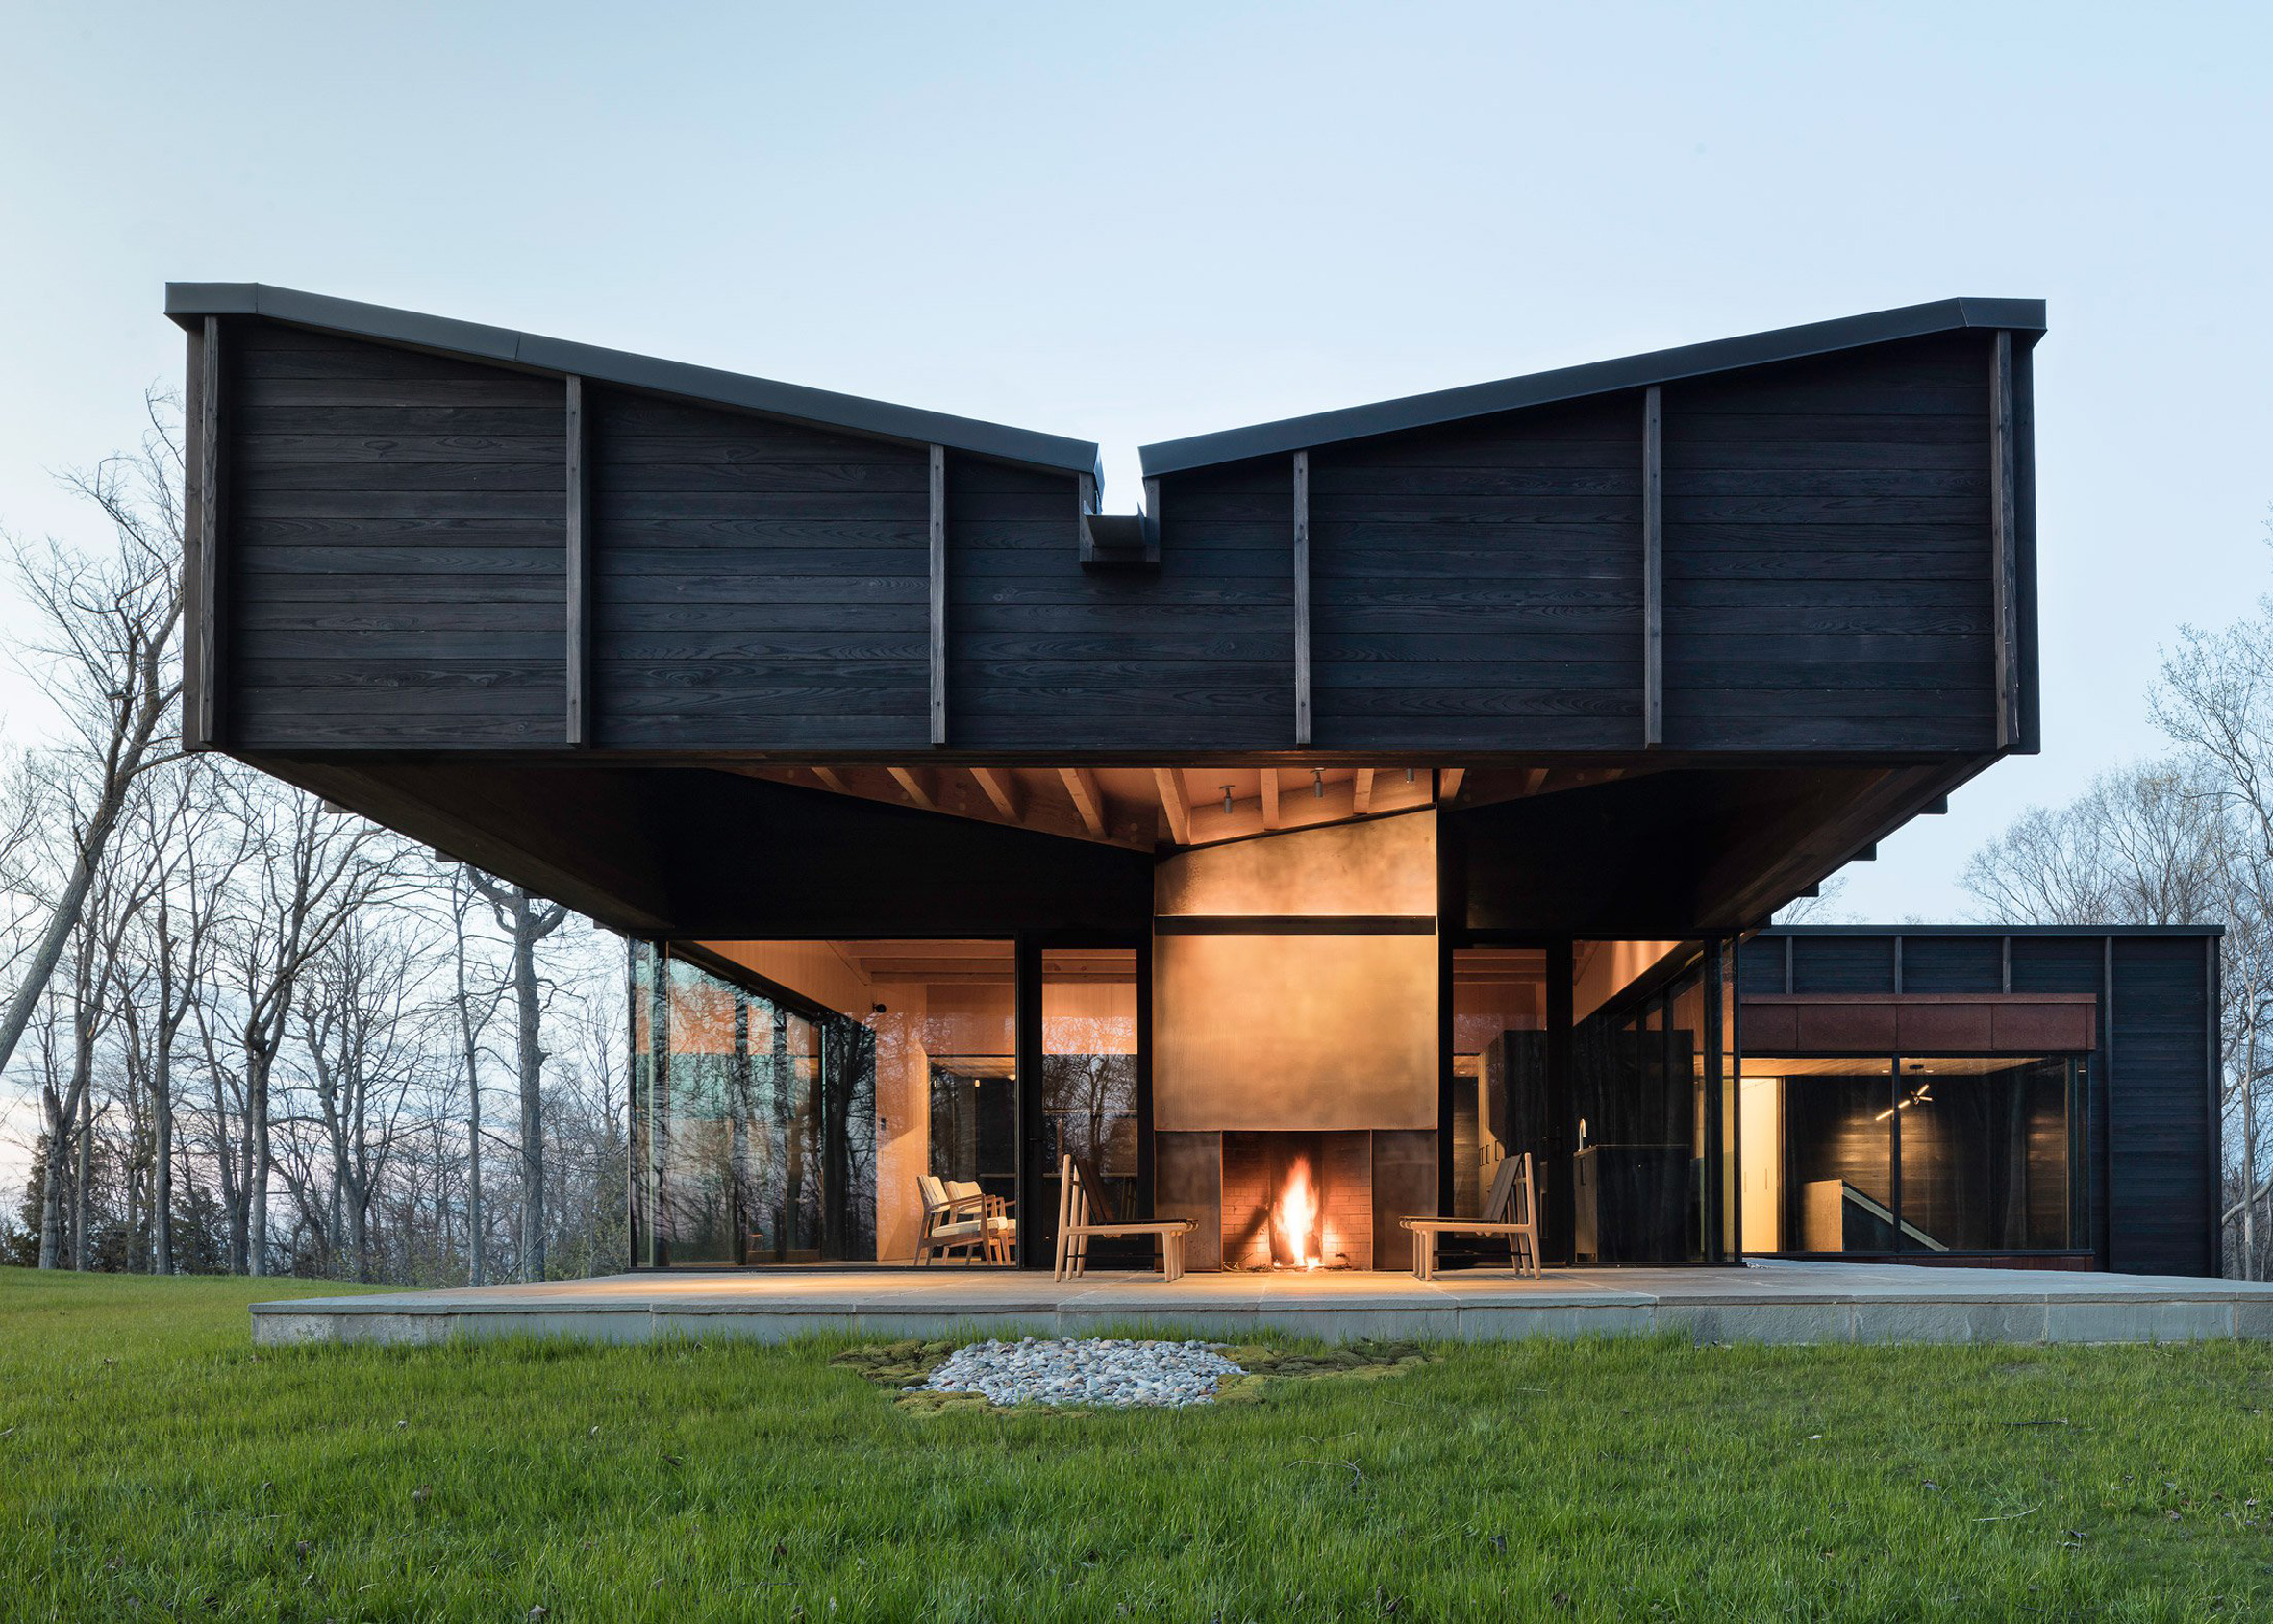 Michigan Lake House, Michigan, by Desai Chia Architects